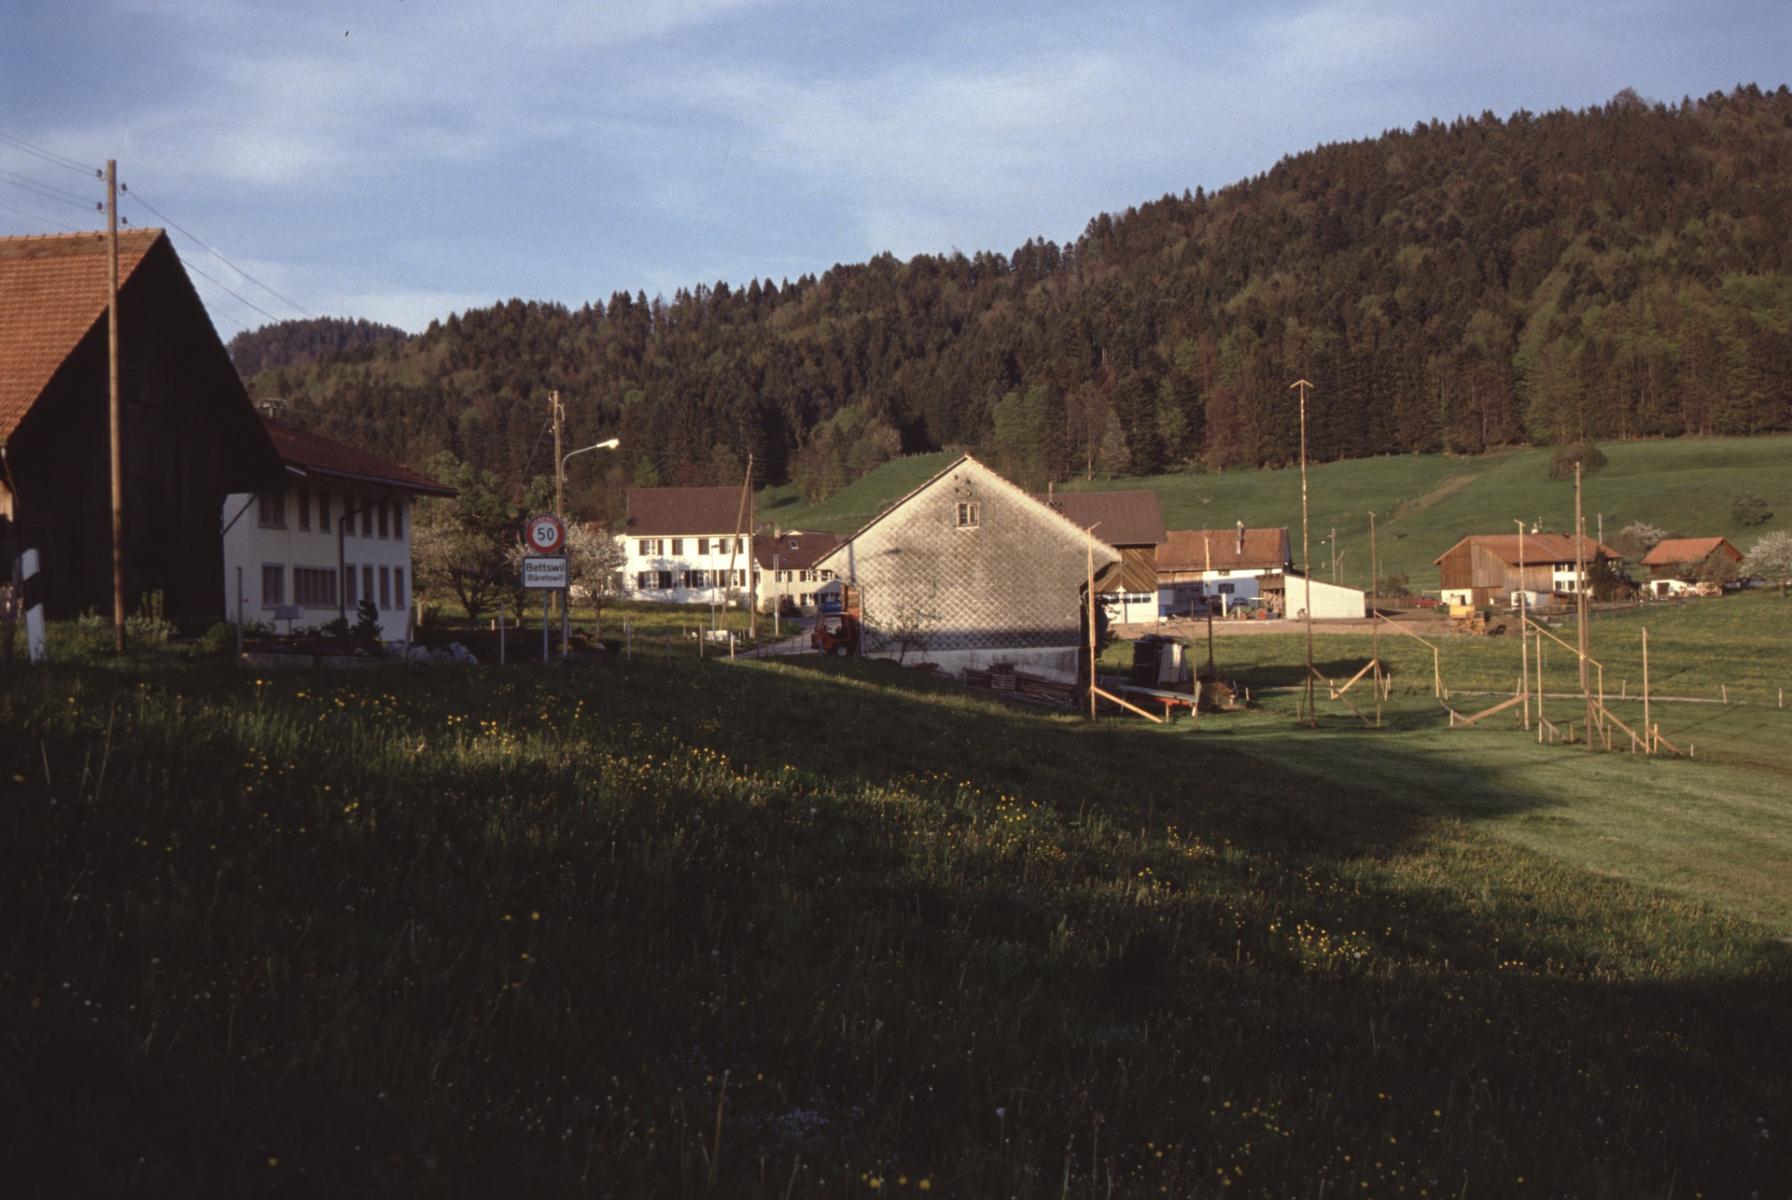 Baugespann E. Meier bei Scheune Meier